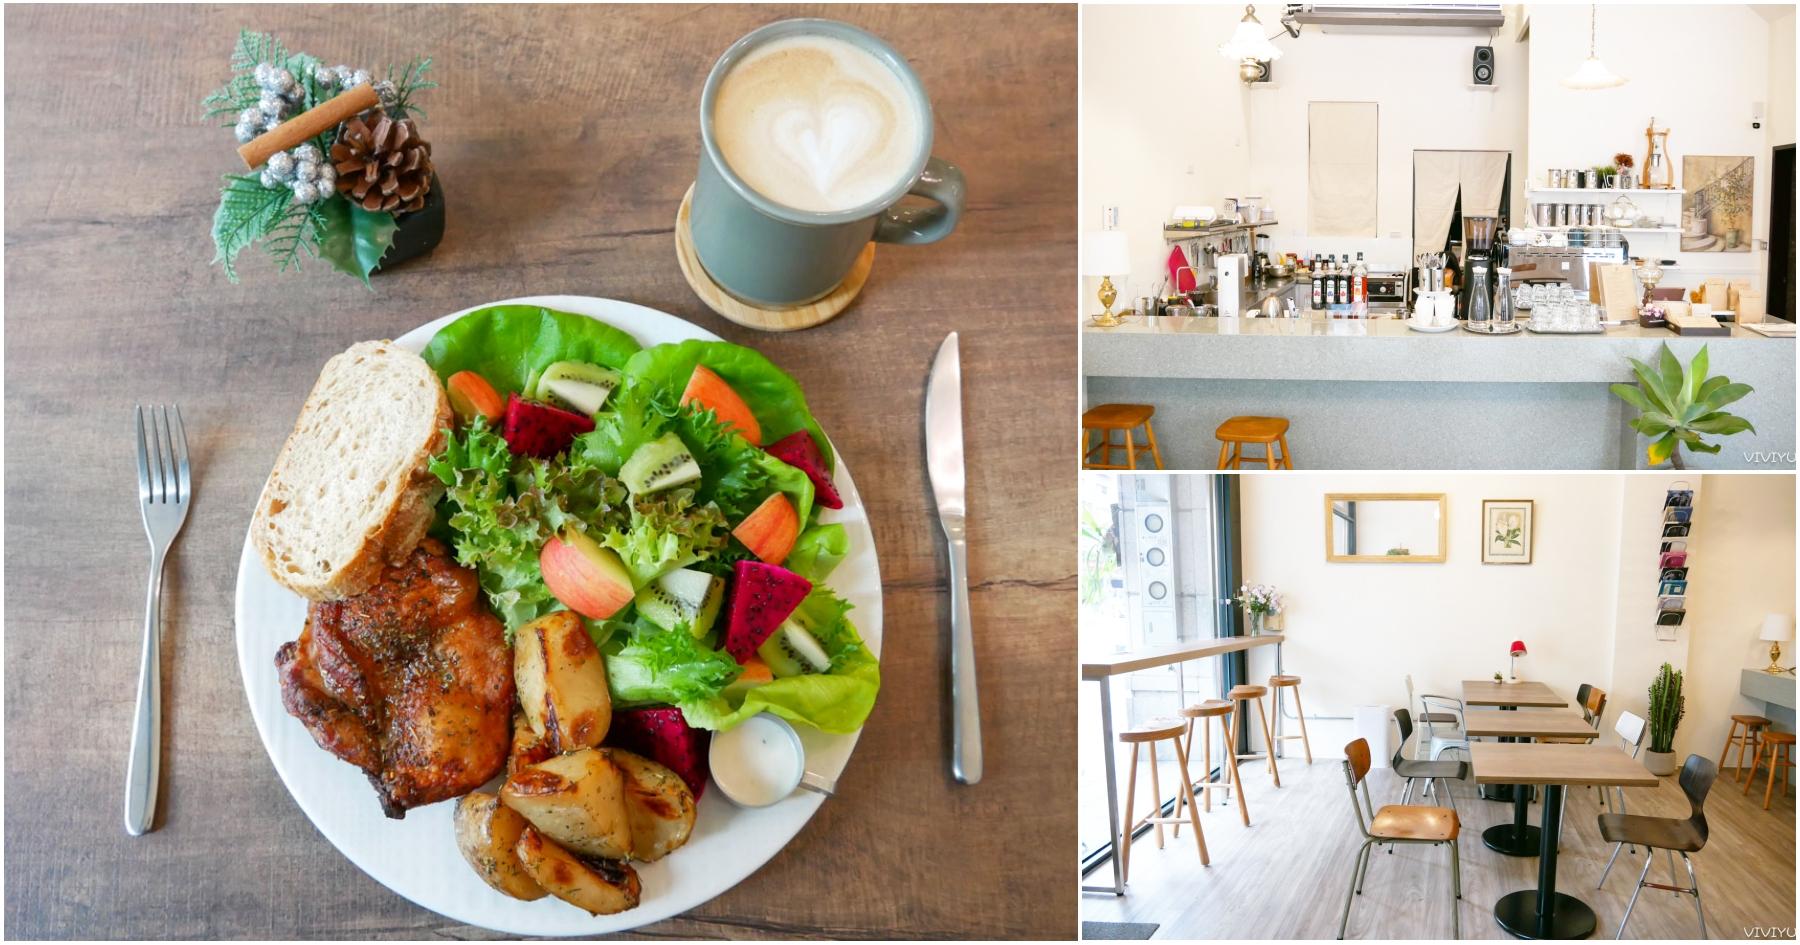 [桃園美食]UU cafe&brunch|日式雜誌無印風格咖啡館~早午餐可以吃到新鮮生菜沙拉 @VIVIYU小世界